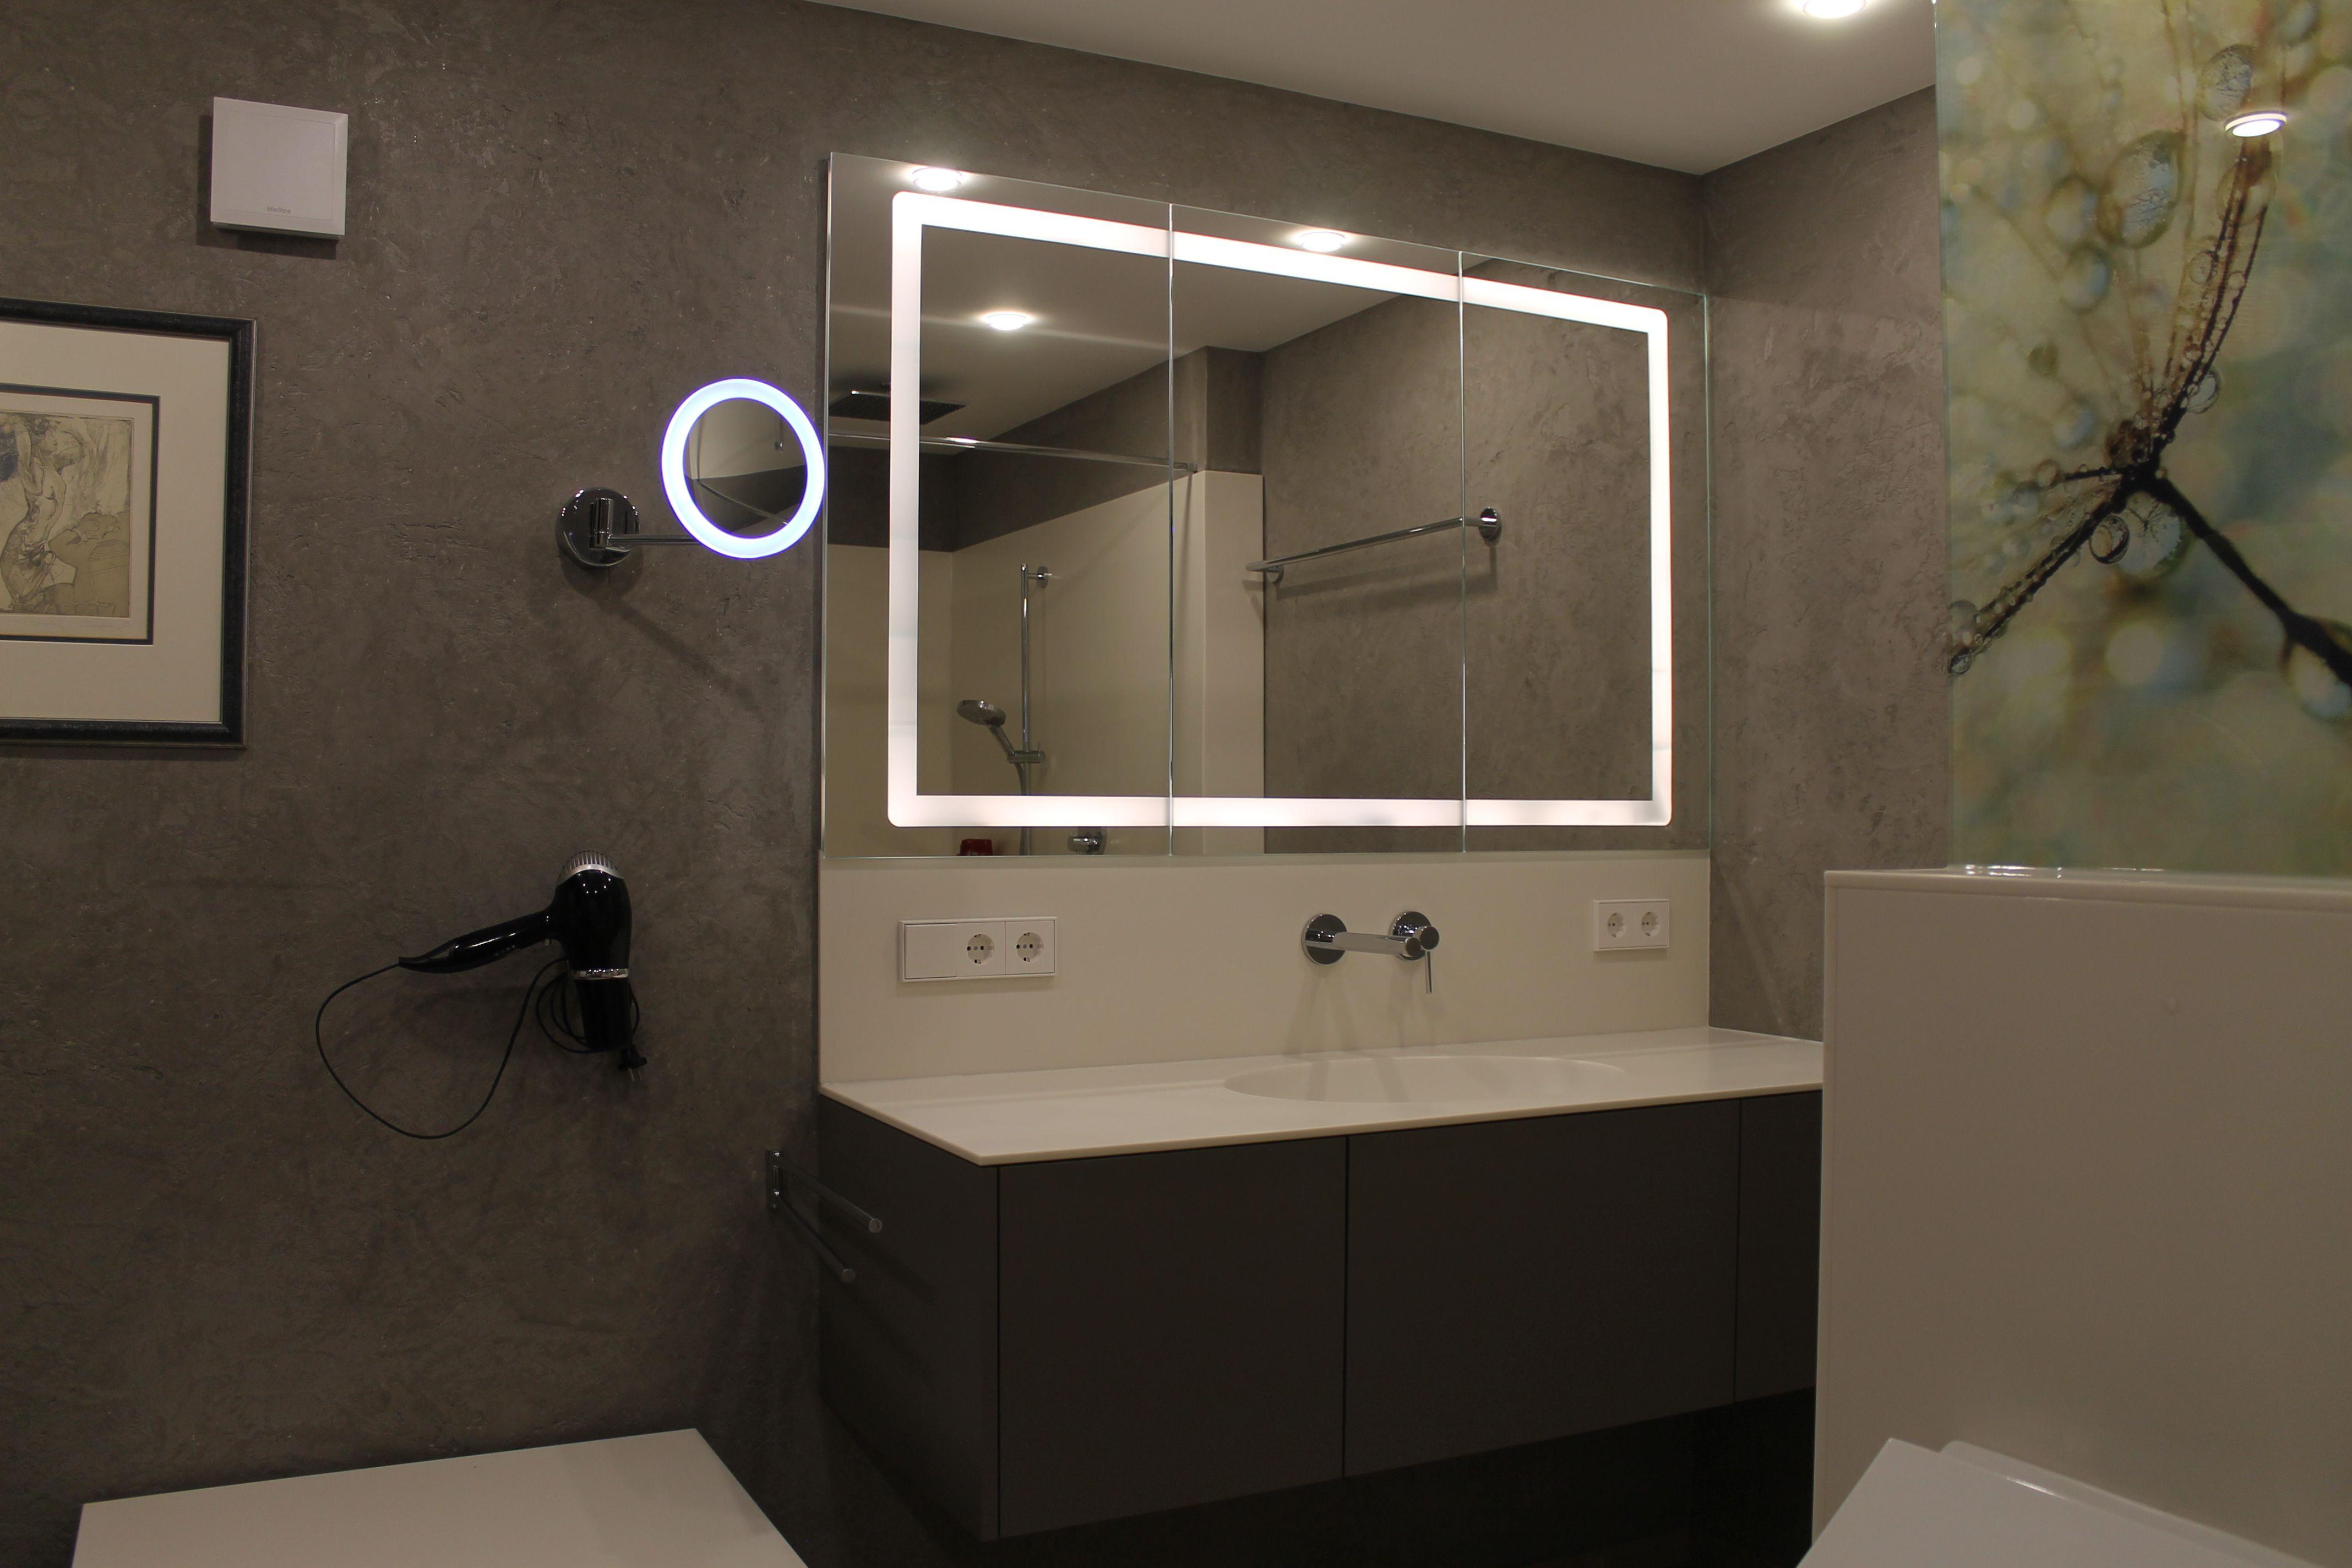 Waschtisch Mit Beleutetem Spiegel Badgestaltung Wohnen Bad